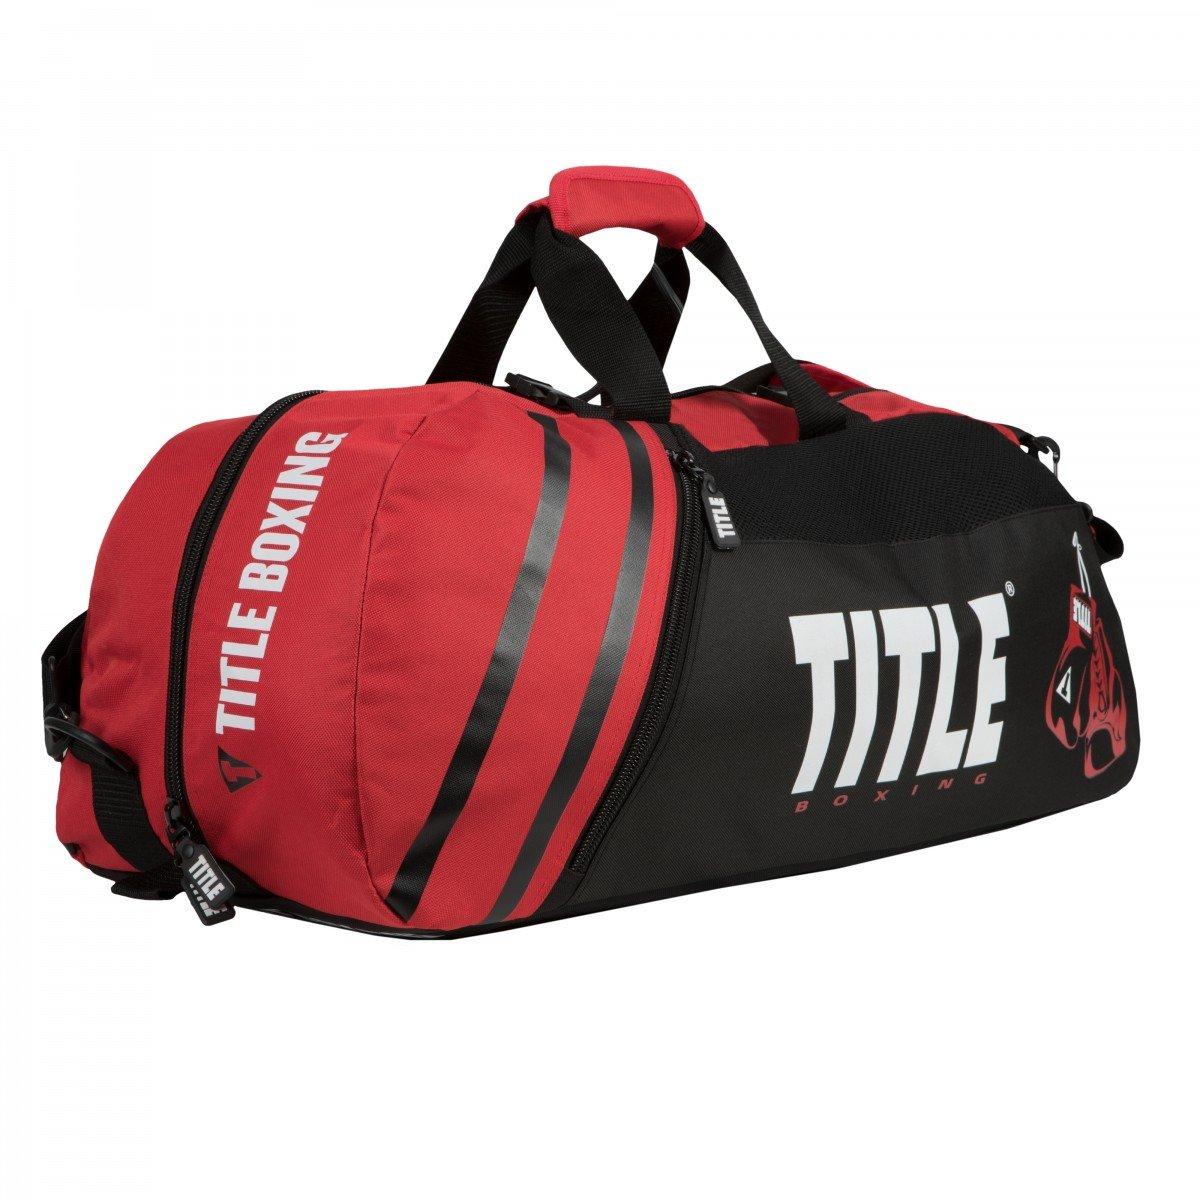 Title World Champion Sport Bag Backpack 2.0